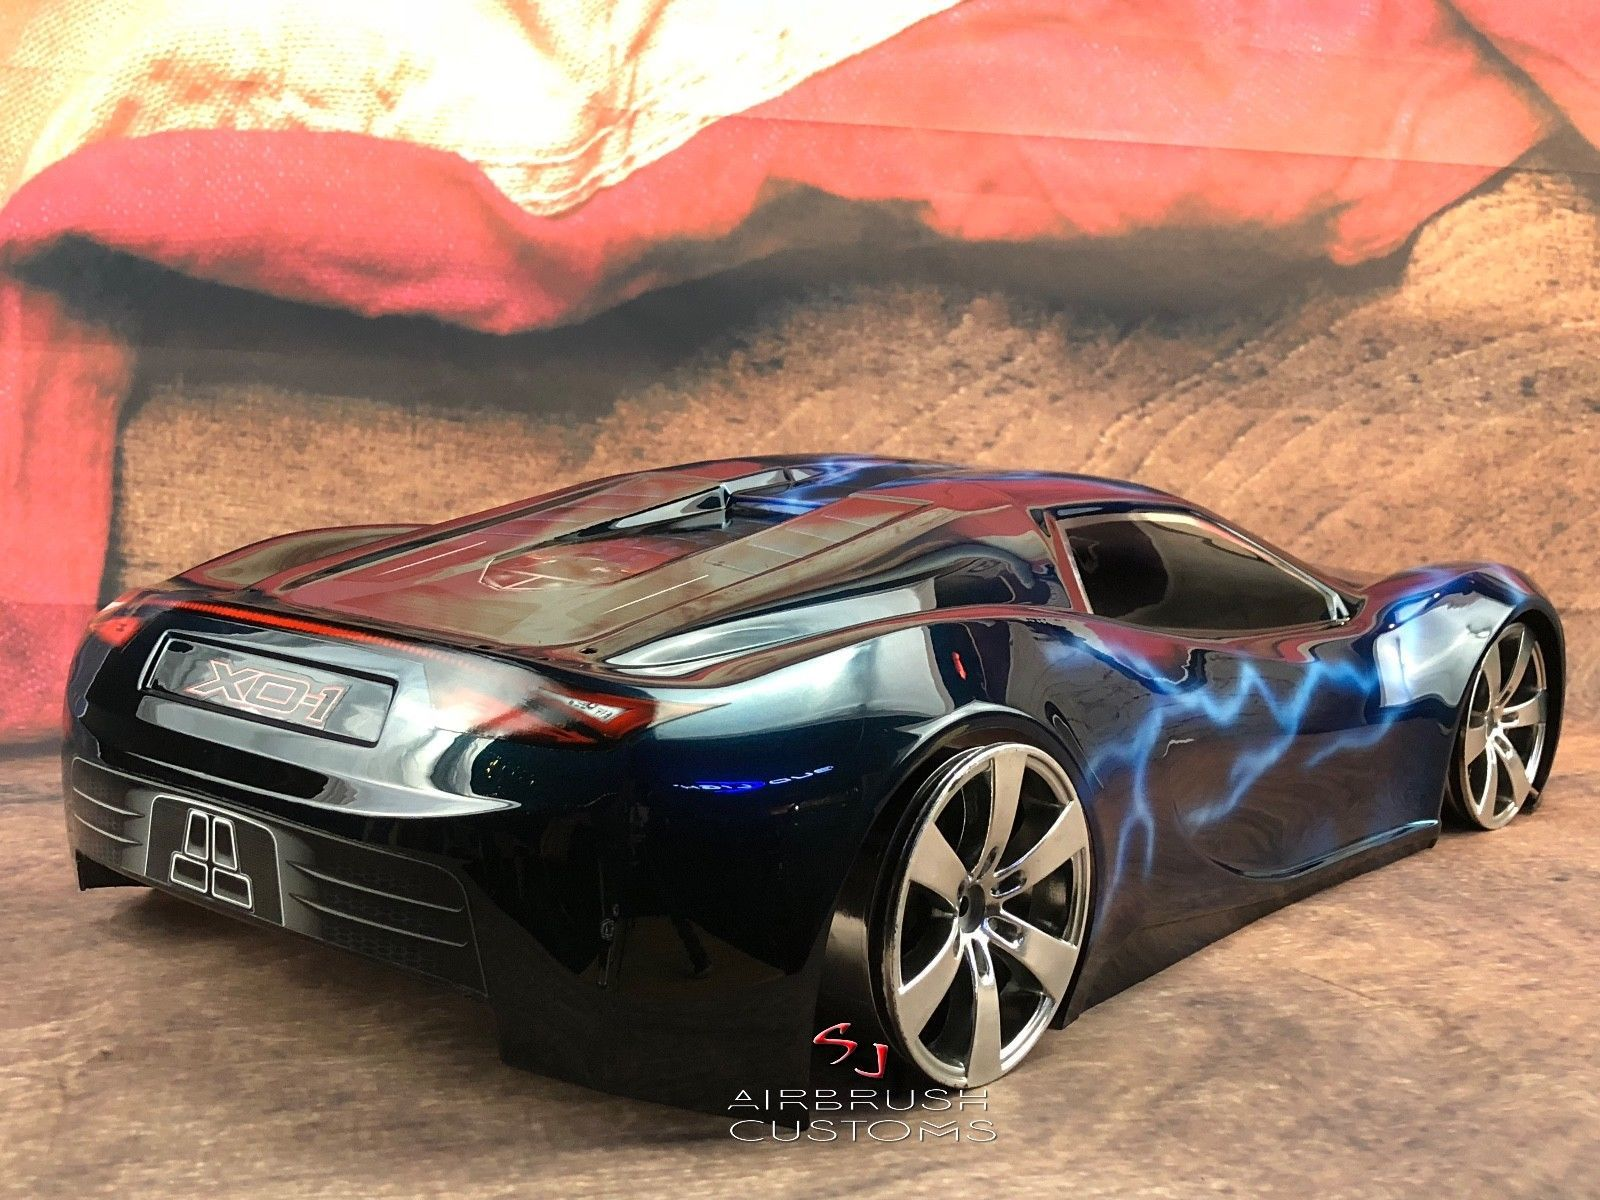 CUSTOM PAINTED TRAXXAS XO 1 BODY CANDY BLUE LIGHTNING 3D SKULL 100 AIRBRUSH